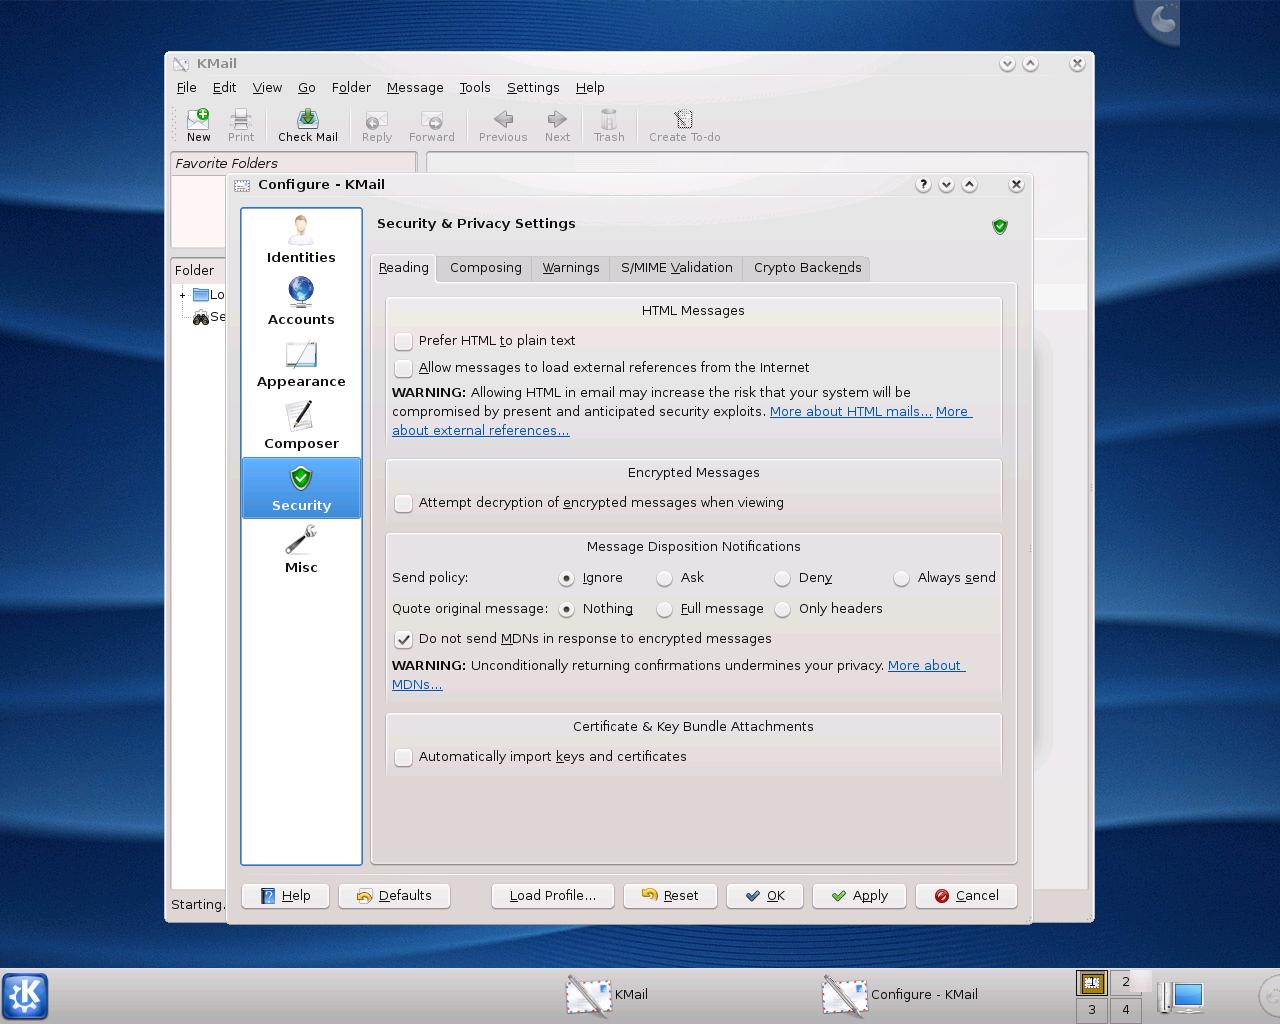 Erste Vorschau auf KDE 4.1 veröffentlicht - KMail in KDE 4.1